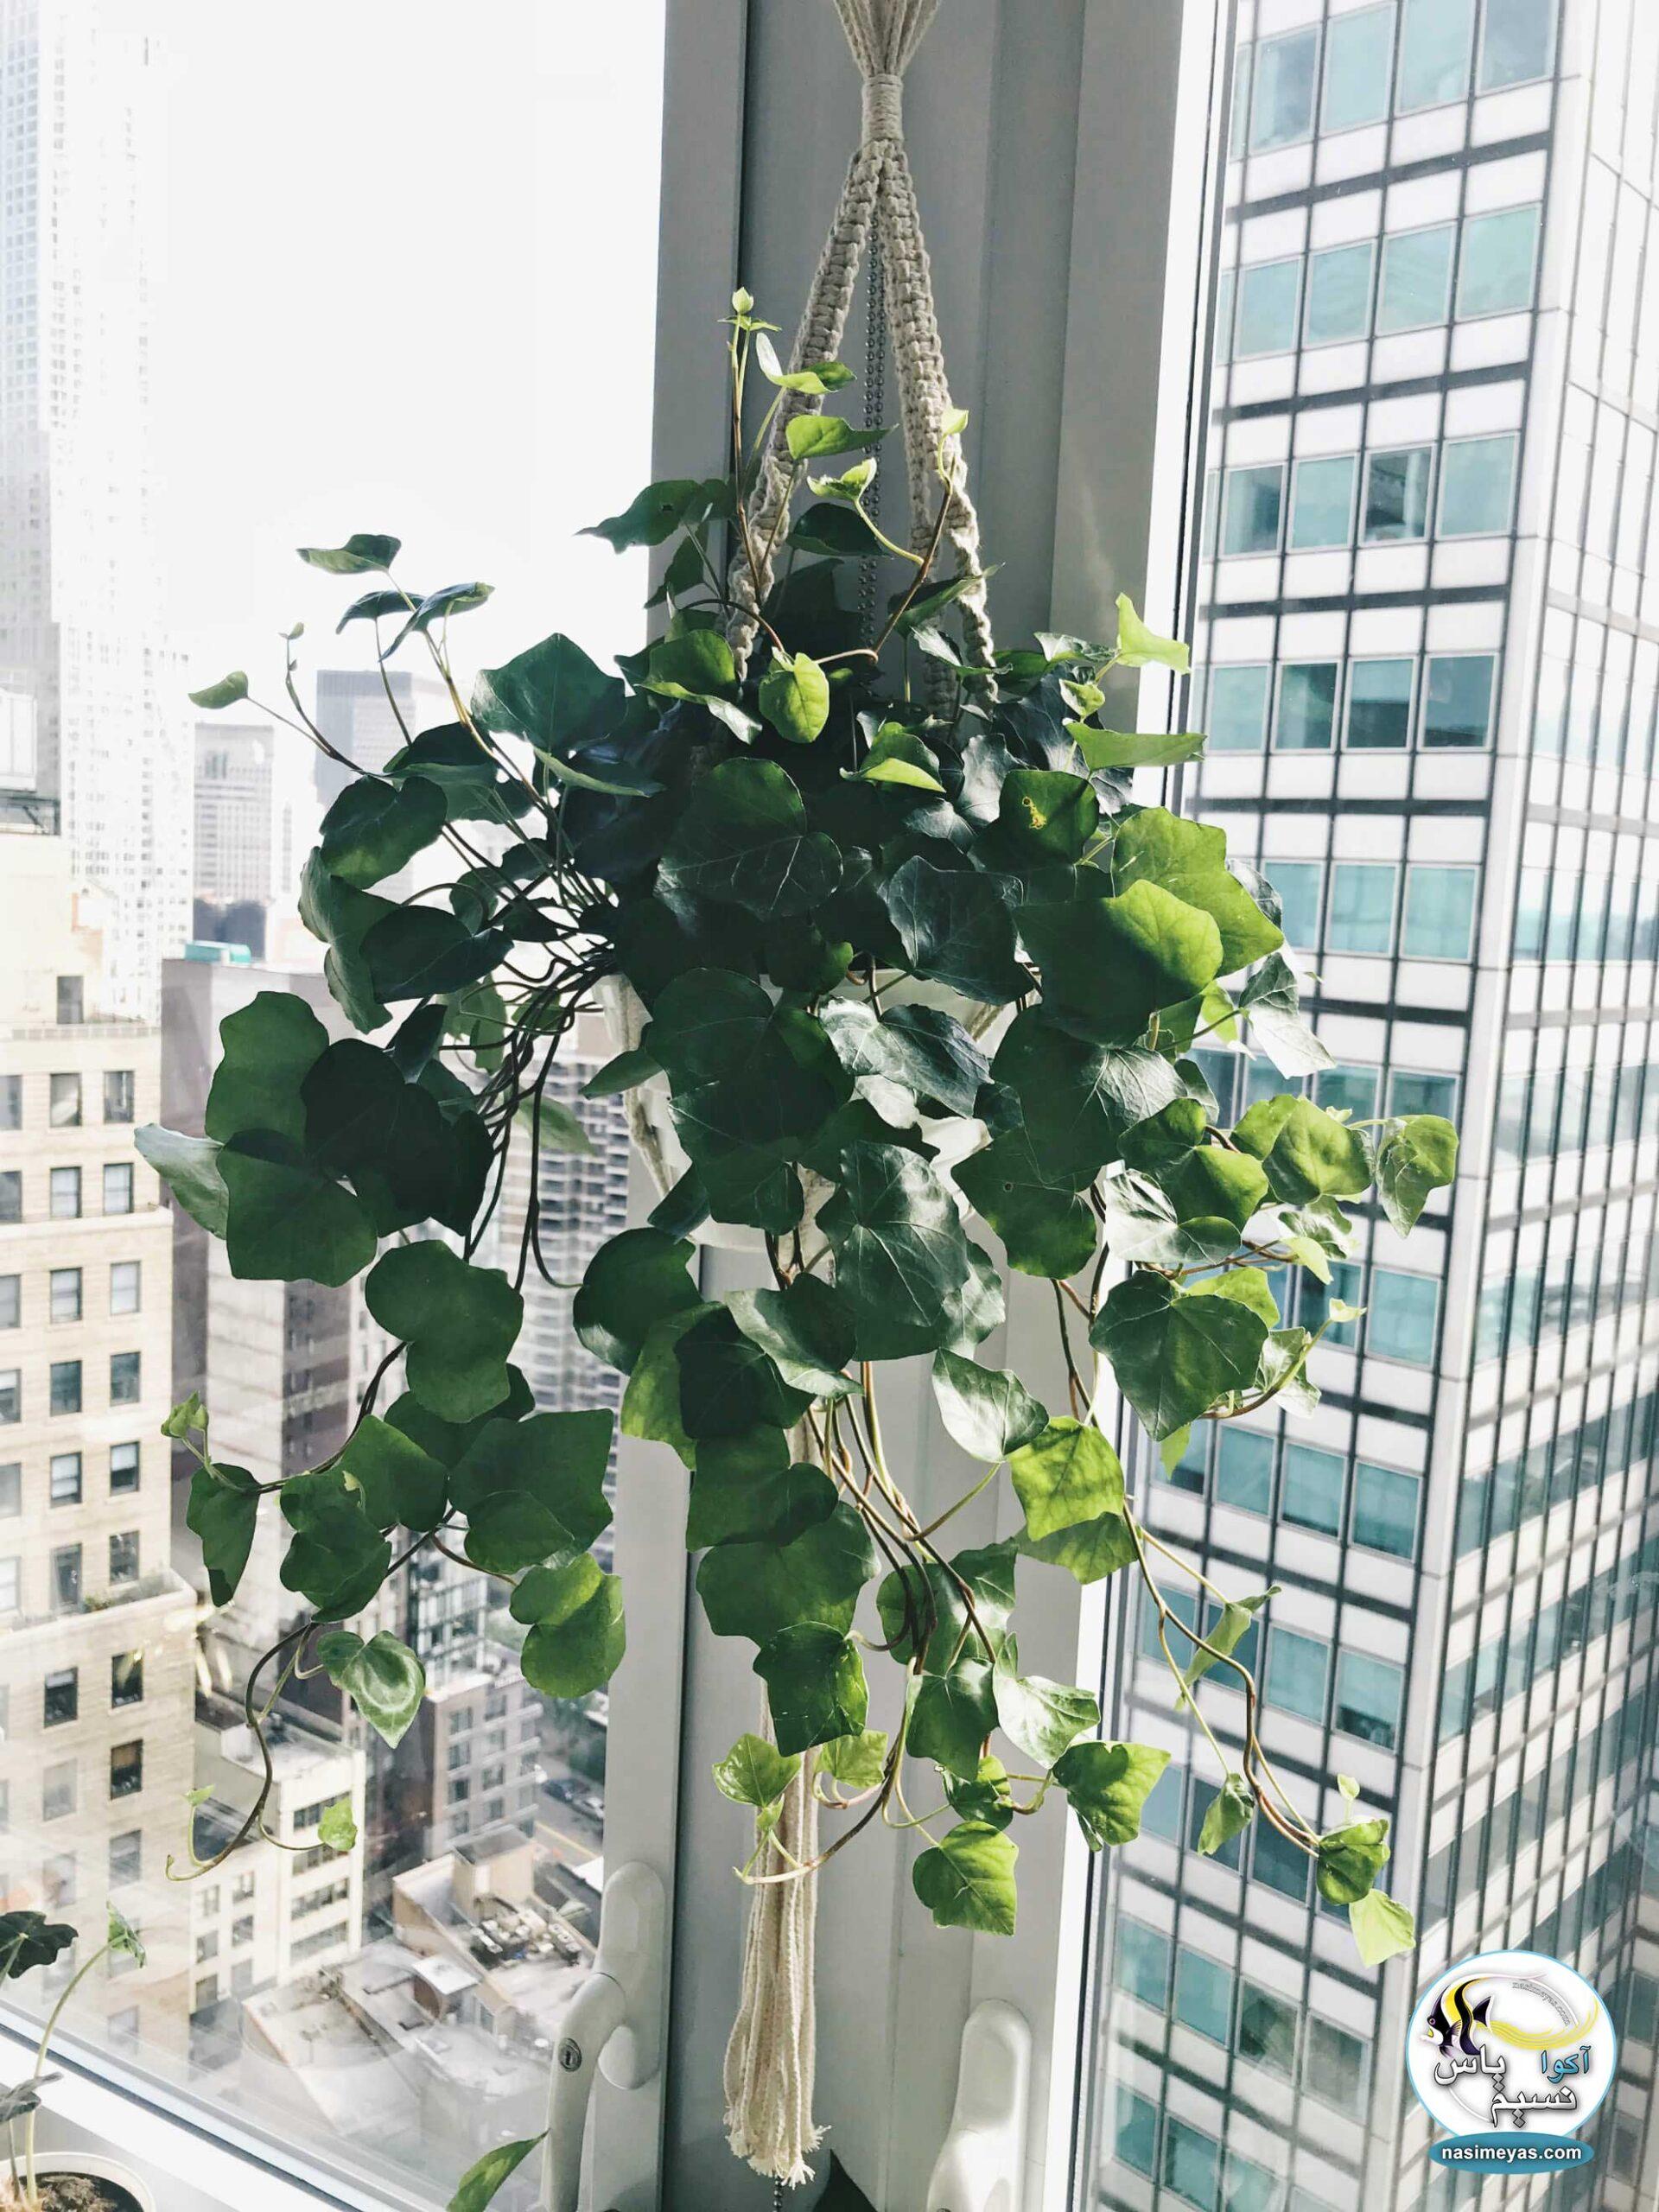 گیاه پیچک انگلیسی سبز ENGLISH GREEN IVY